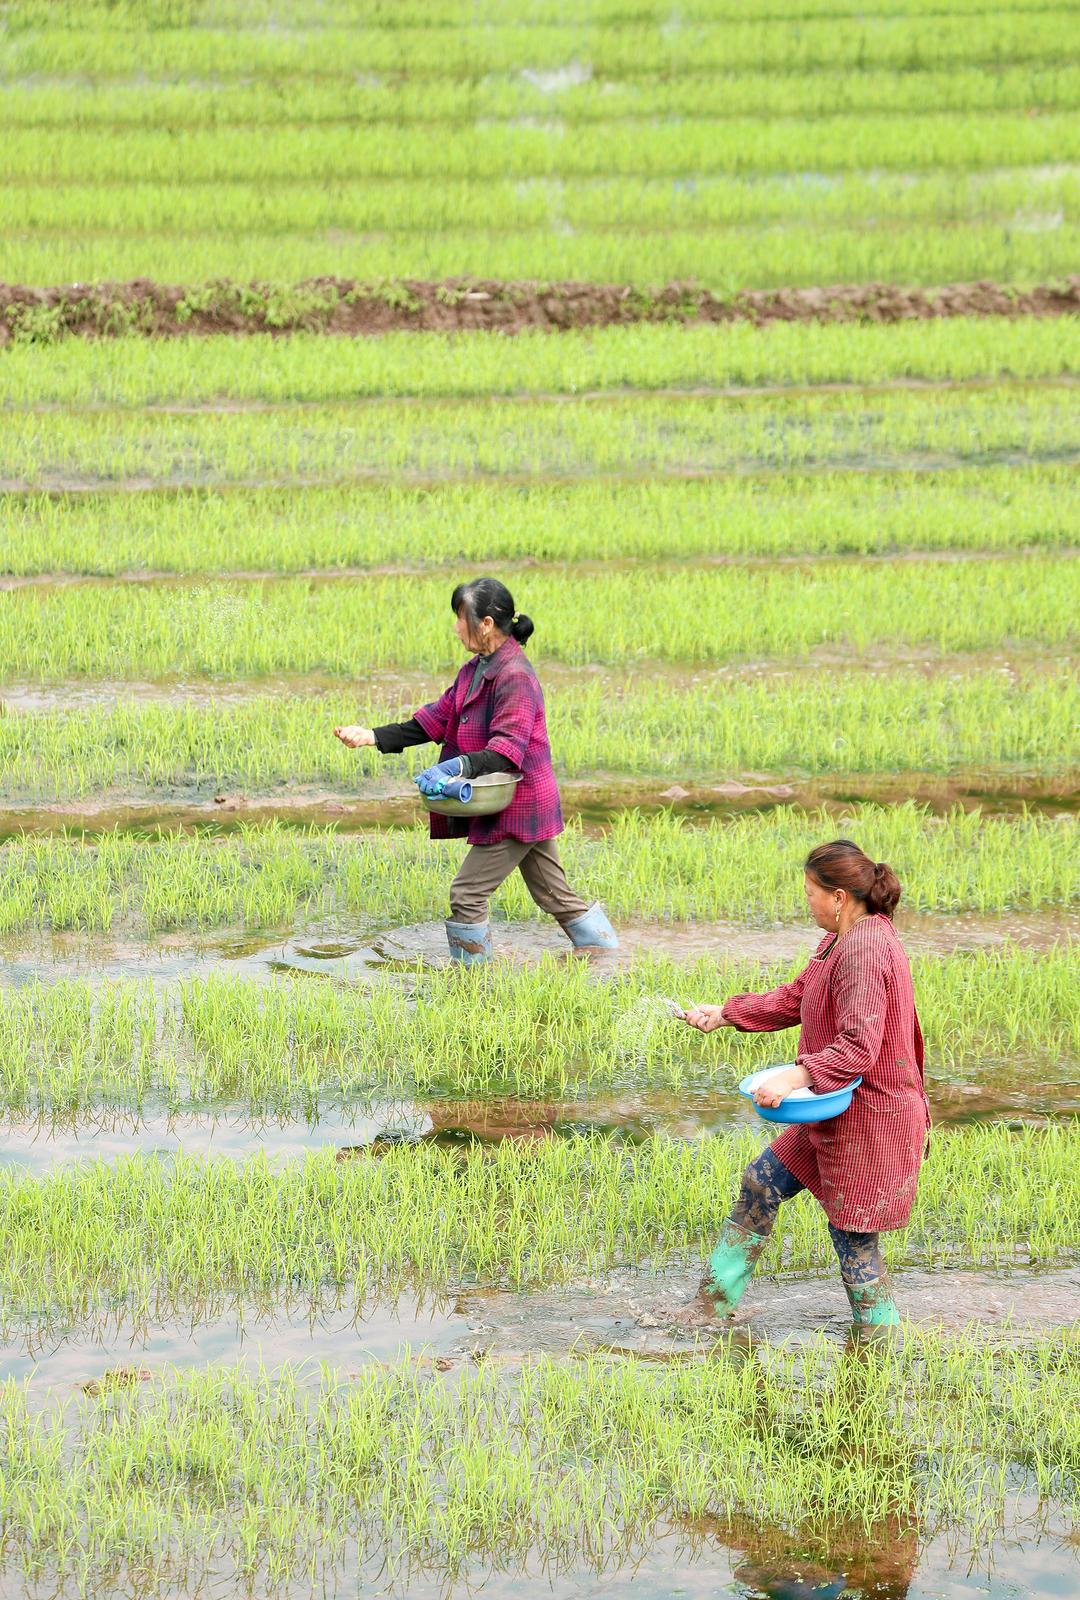 2021年4月6日, 四川省广安华蓥市古桥街道合力村的农民在田间给秧苗施追肥